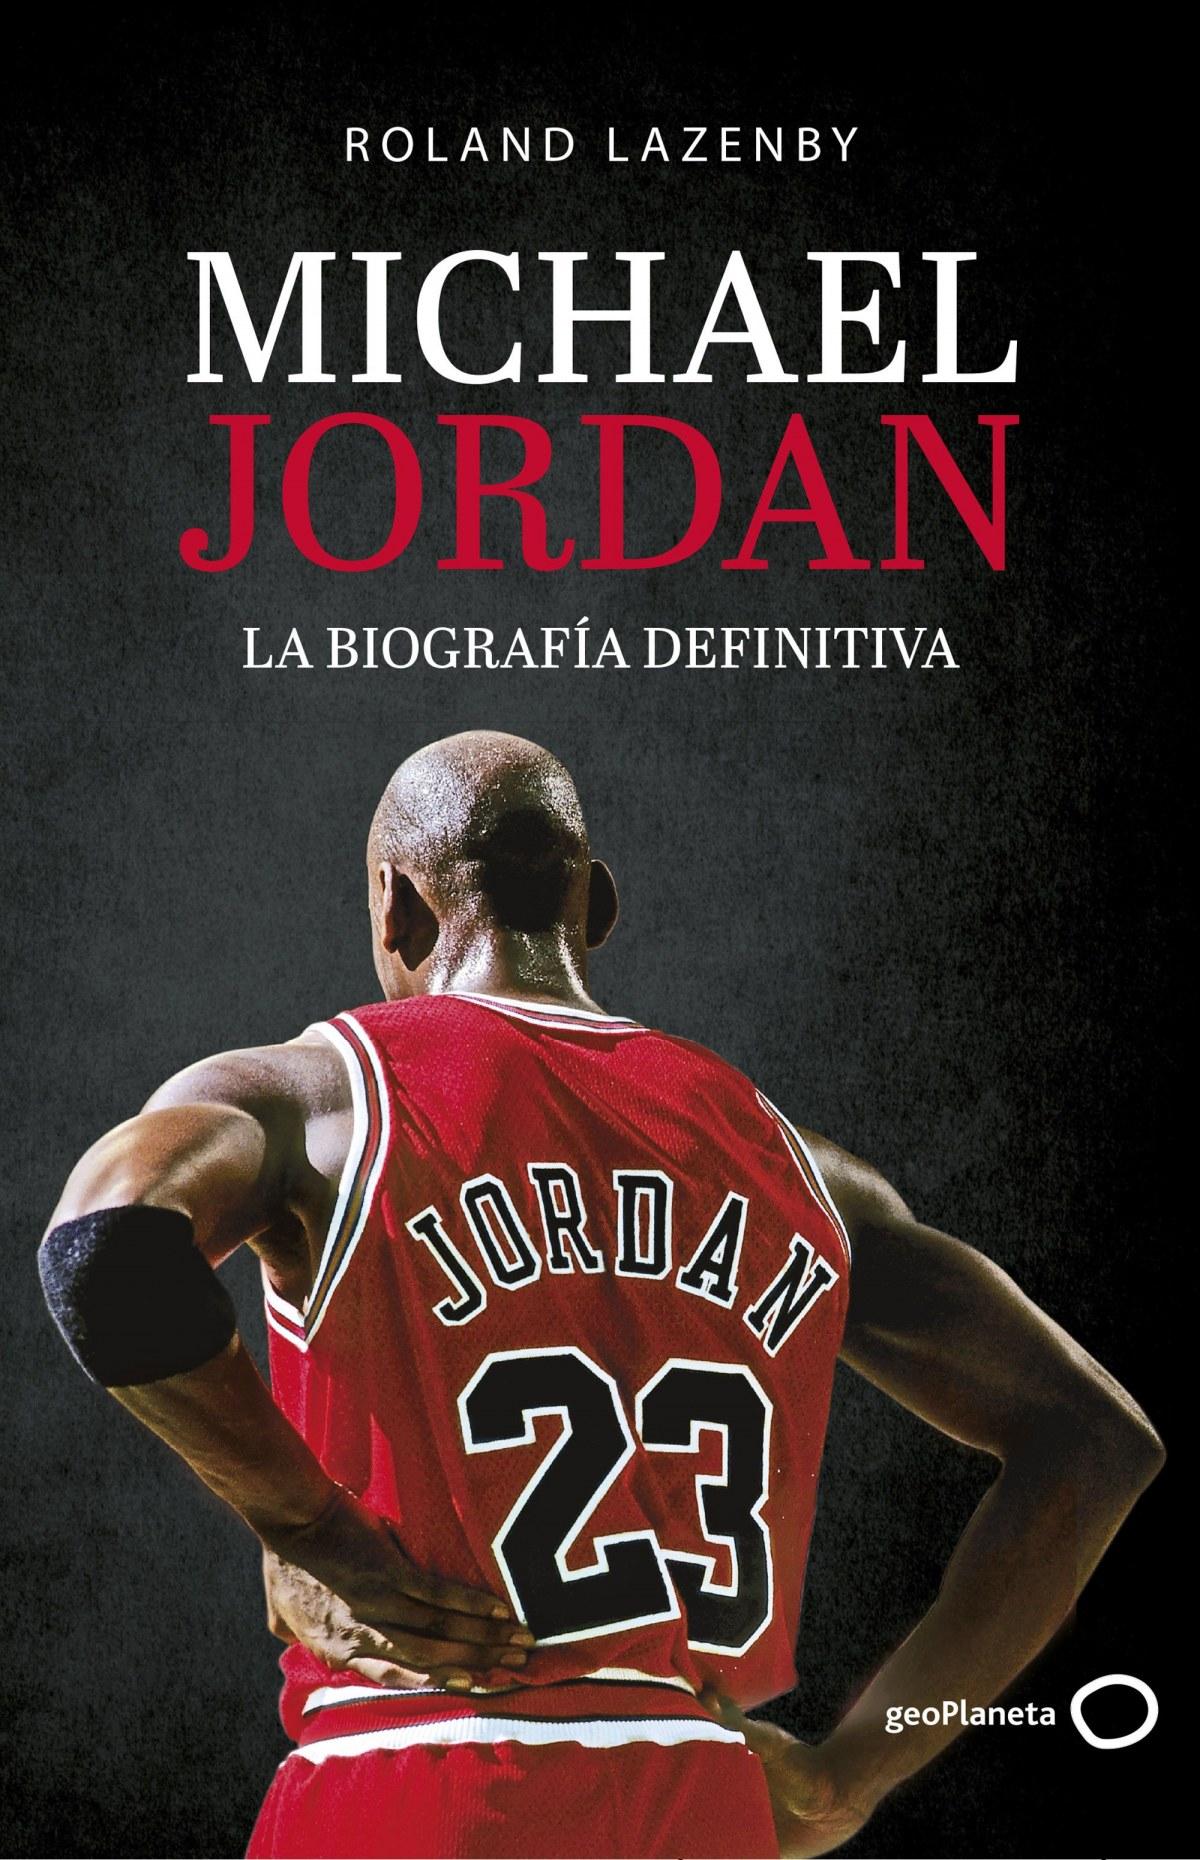 Michael Jordan. La biograf¡a definitiva 9788408234548